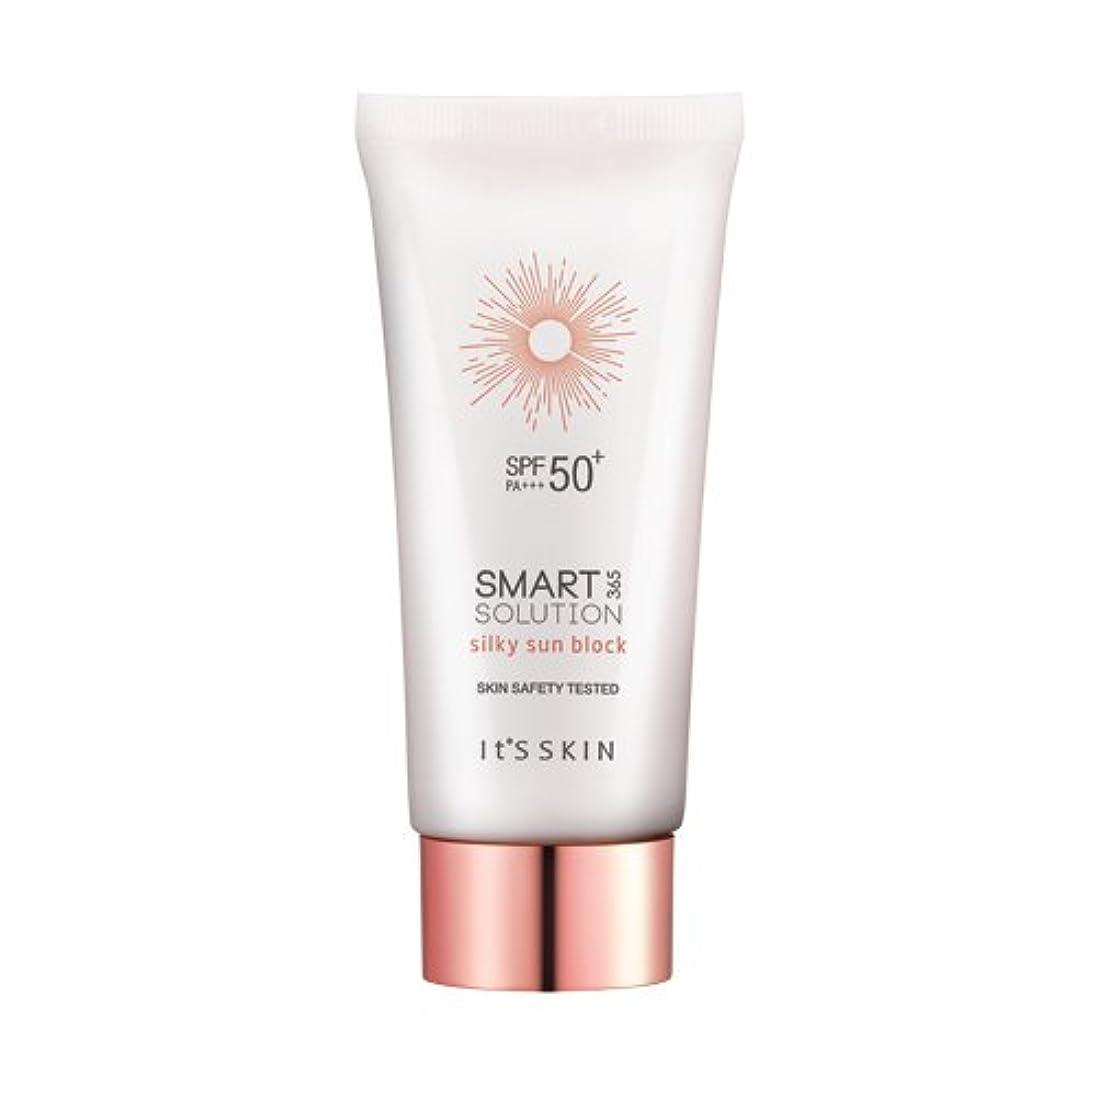 効率素敵な受粉者[イッツスキン/Its skin]スマートソリューション 365シルキーサンブロック (SPF50+ PA+++) (Smart solution 365 silky sun block)